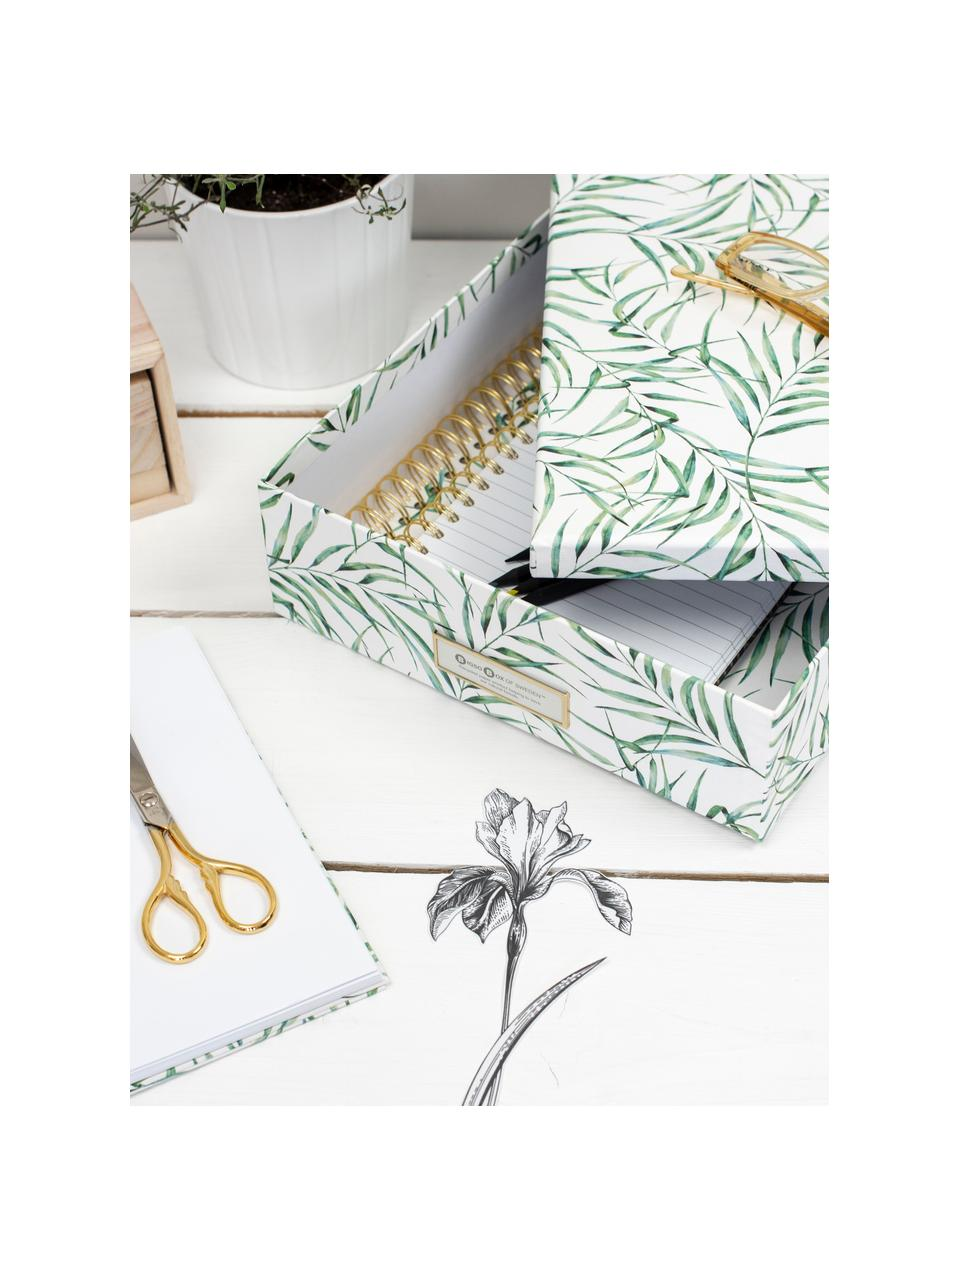 Aufbewahrungsbox Leaf, Fester, laminierter Karton, Weiß, Grün, 35 x 9 cm